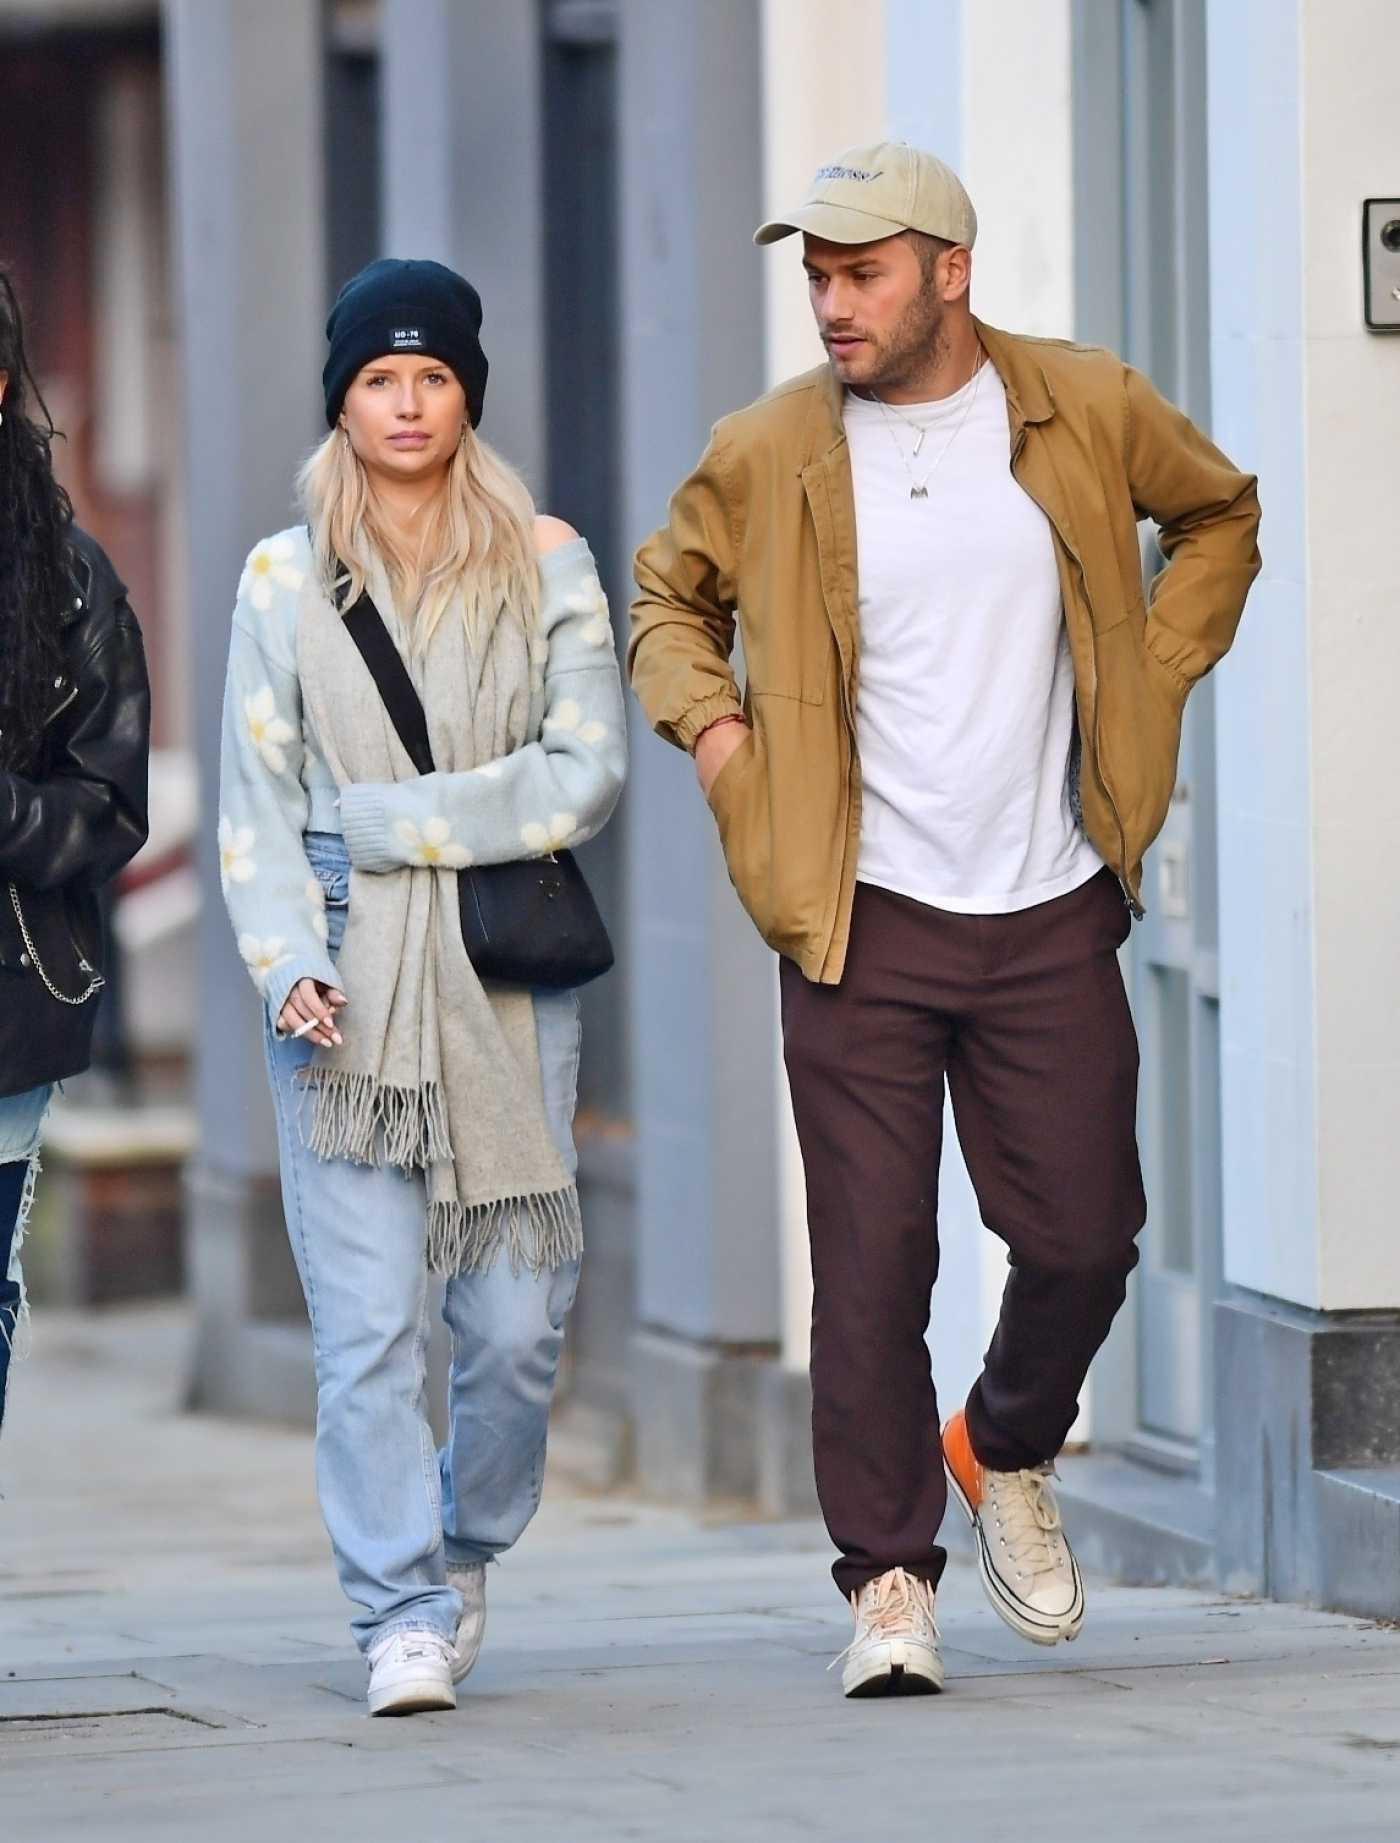 Lottie Moss in a Black Knit Hat Was Seen Out with Friends in London 11/08/2020